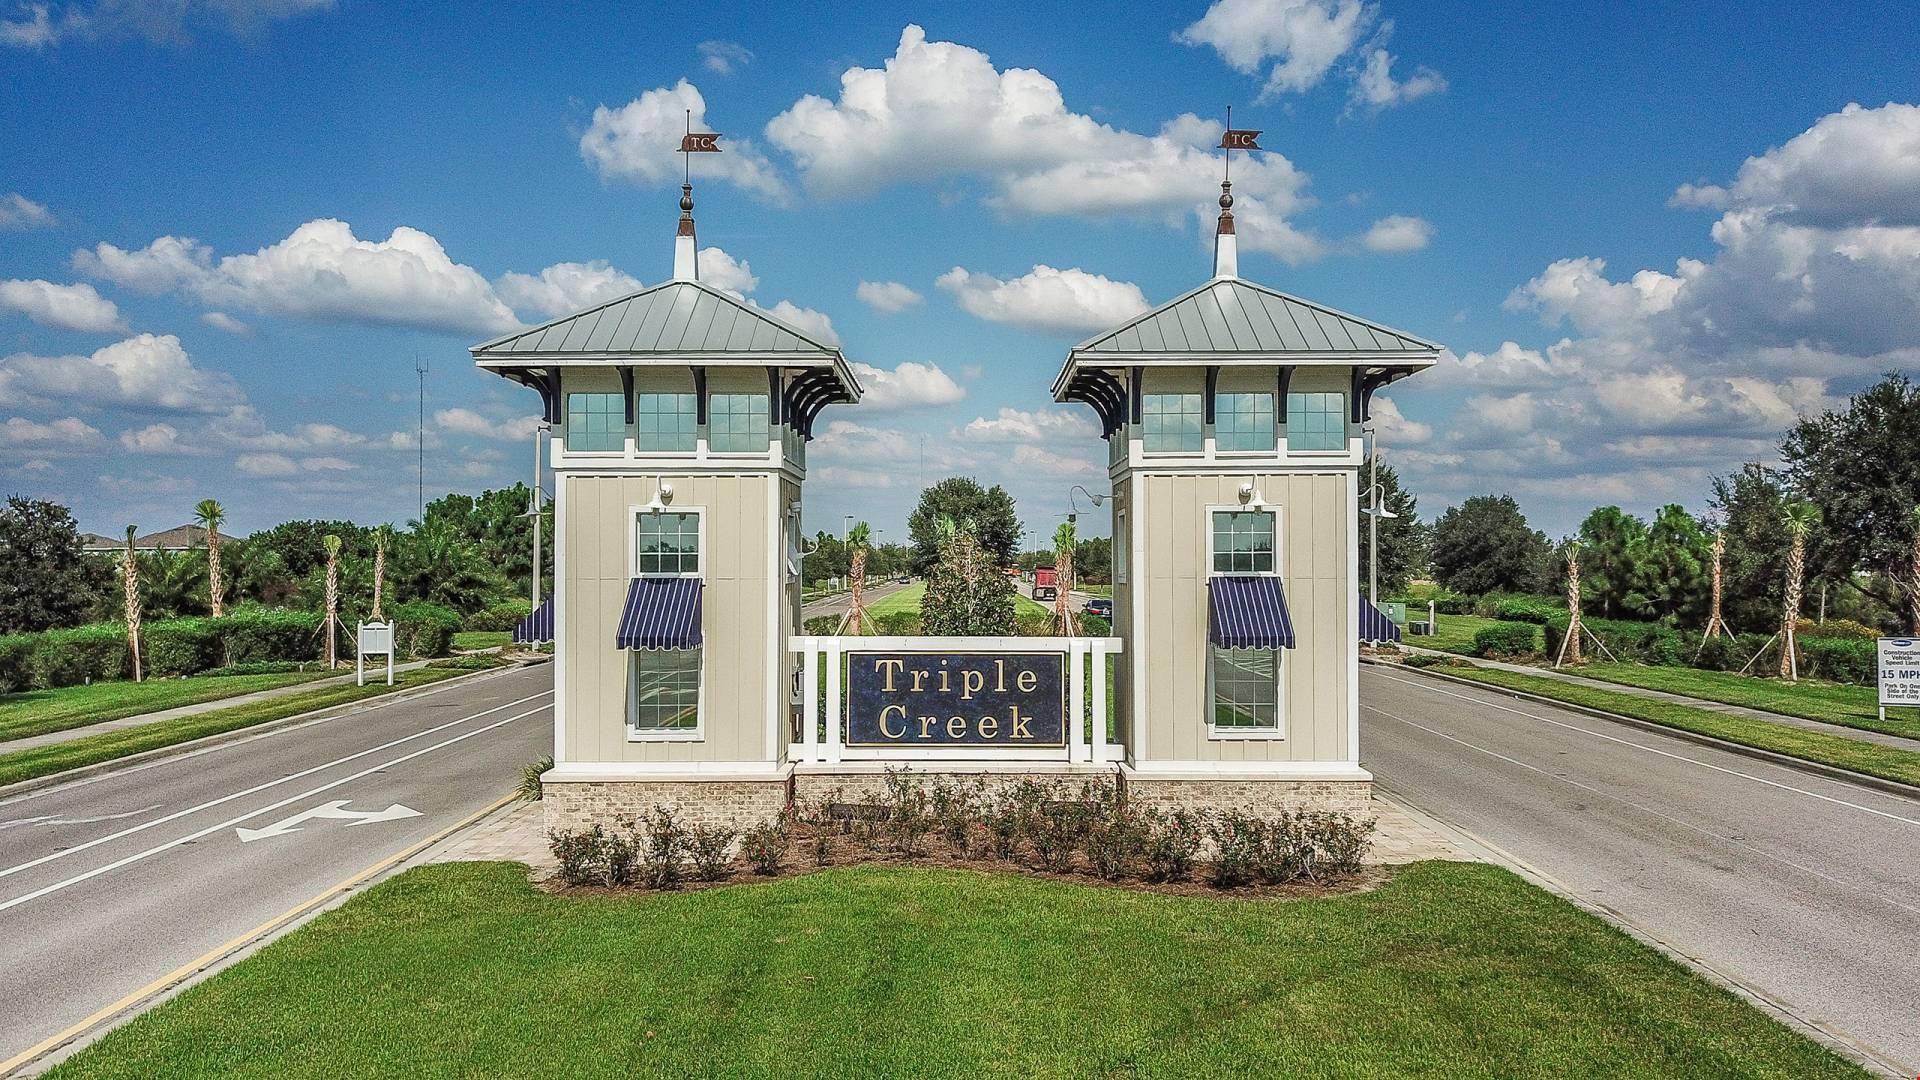 Triple Creek Riverview Florida Real Estate | Riverview Realtor | Homes for Sale | Riverview Florida